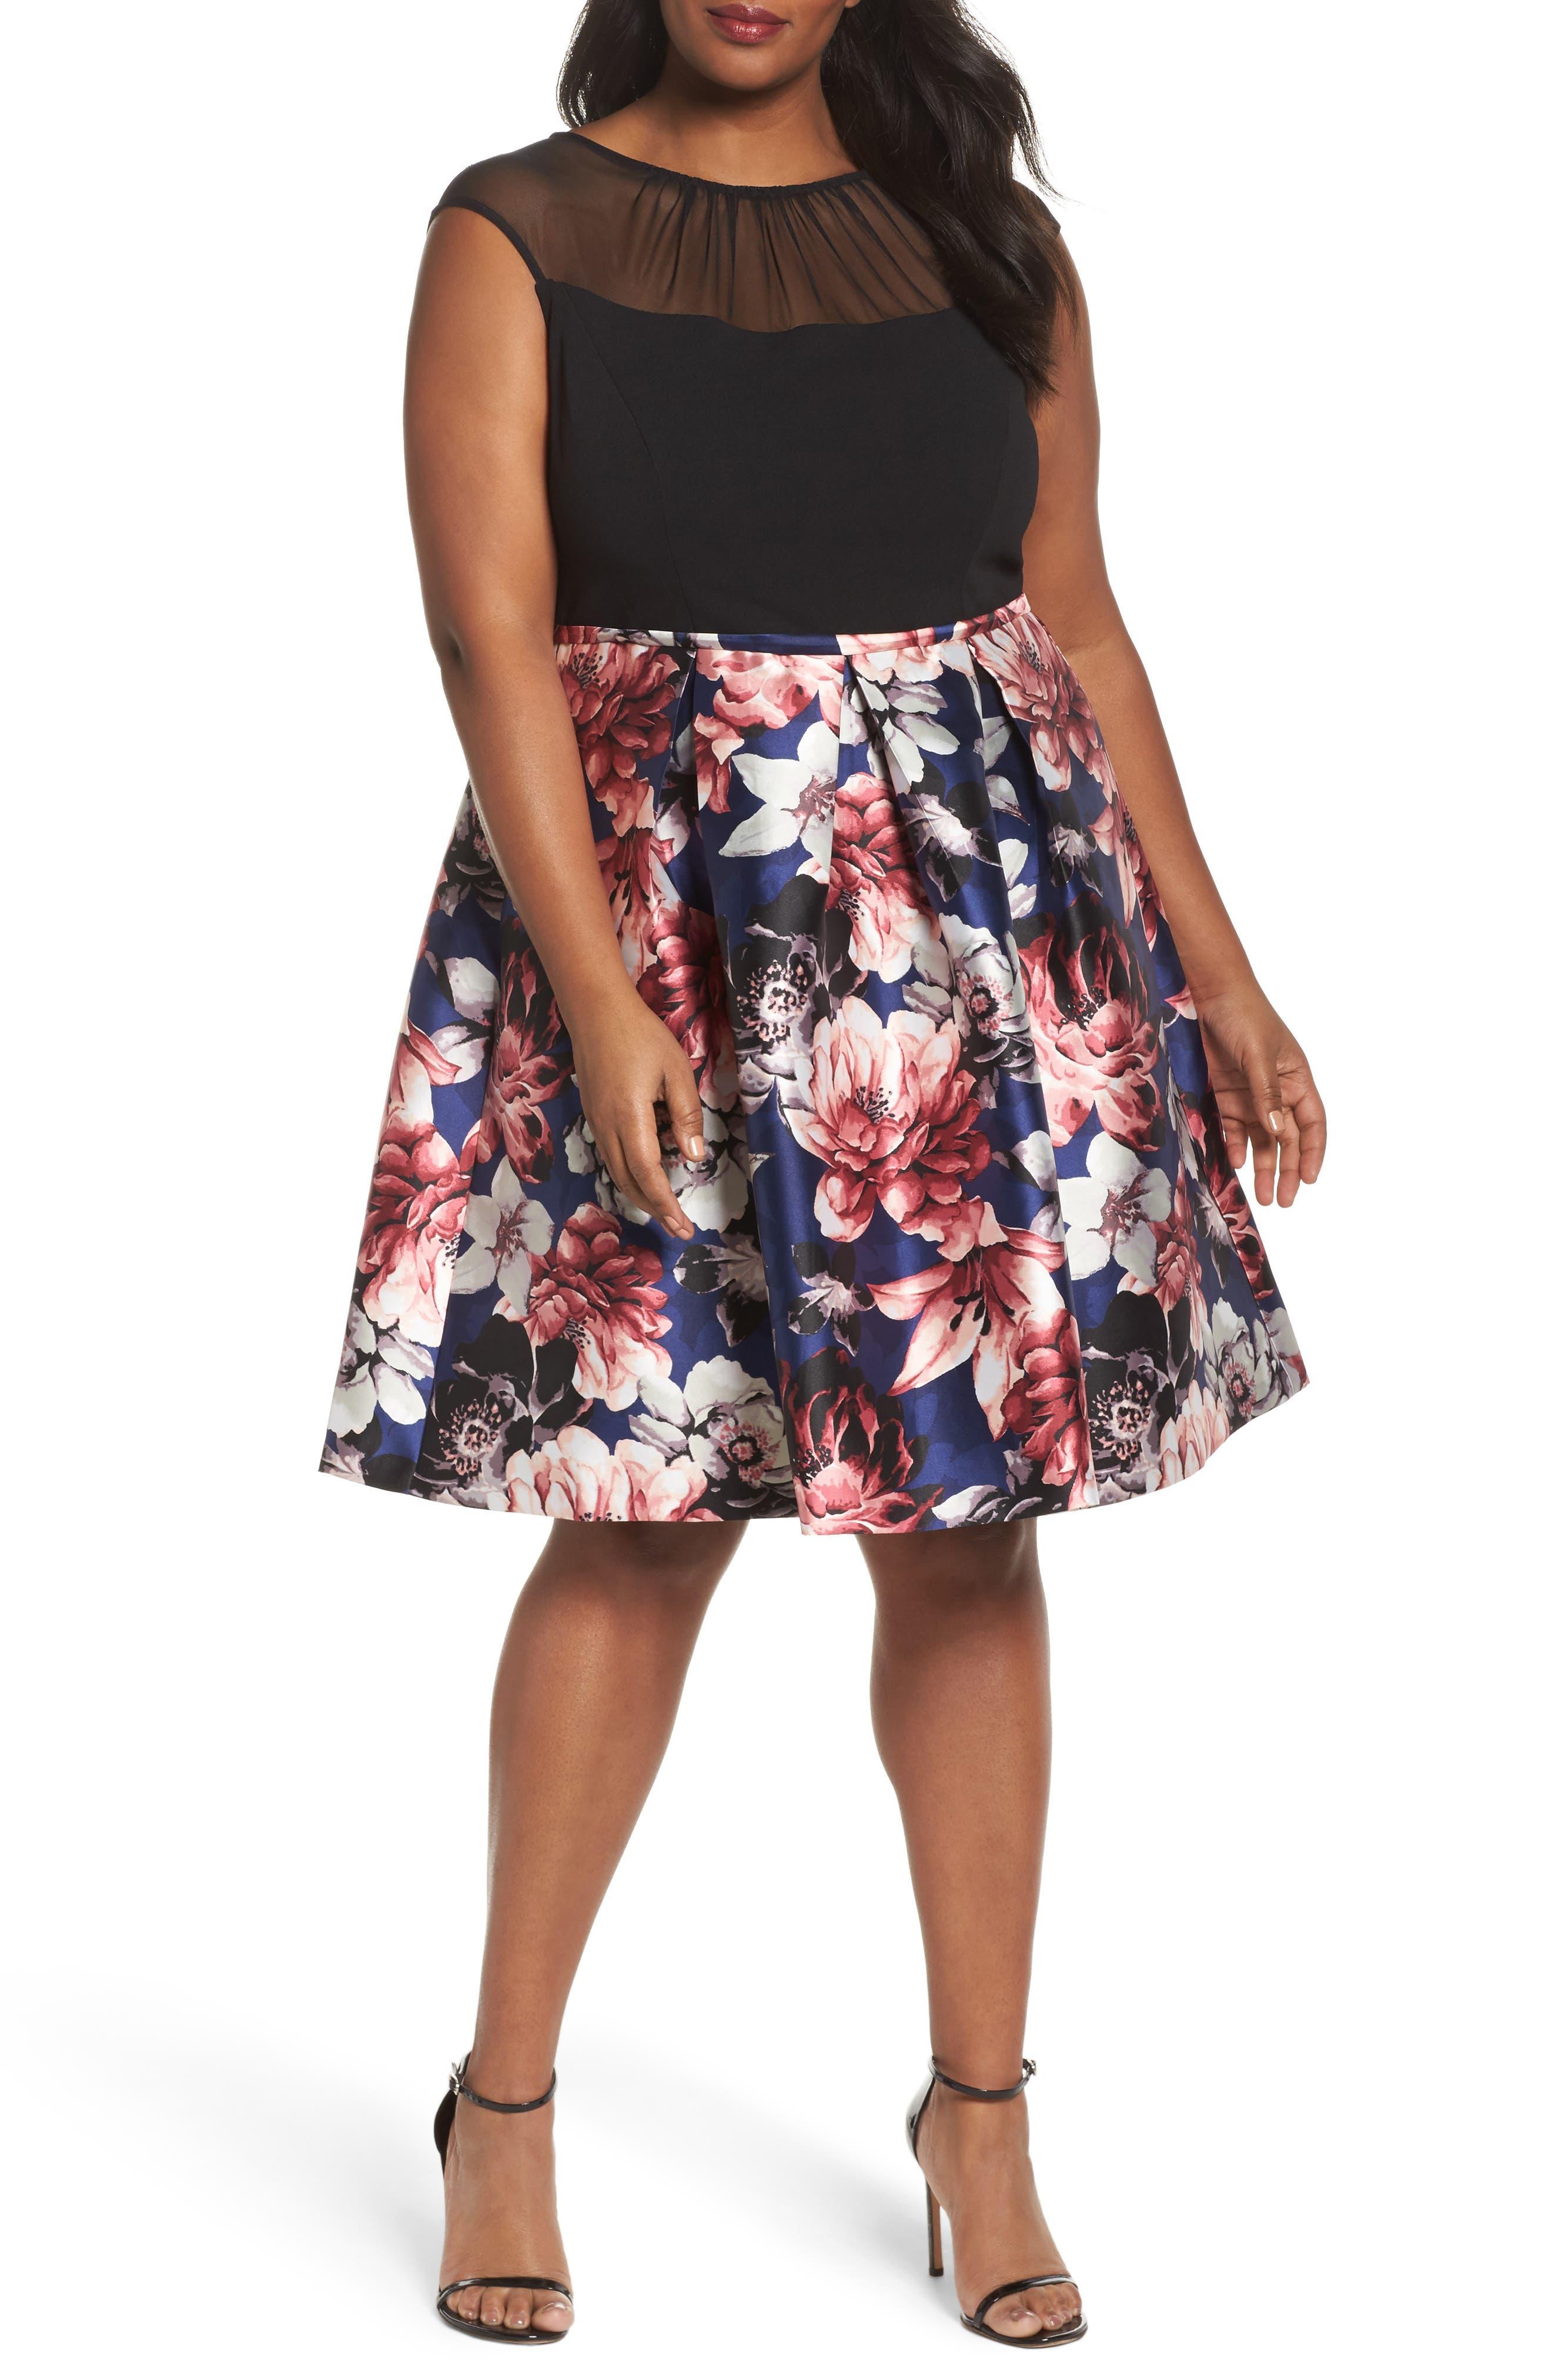 Main Image - Sangria Illusion Neck Floral Fit & Flare Dress (Plus Size)